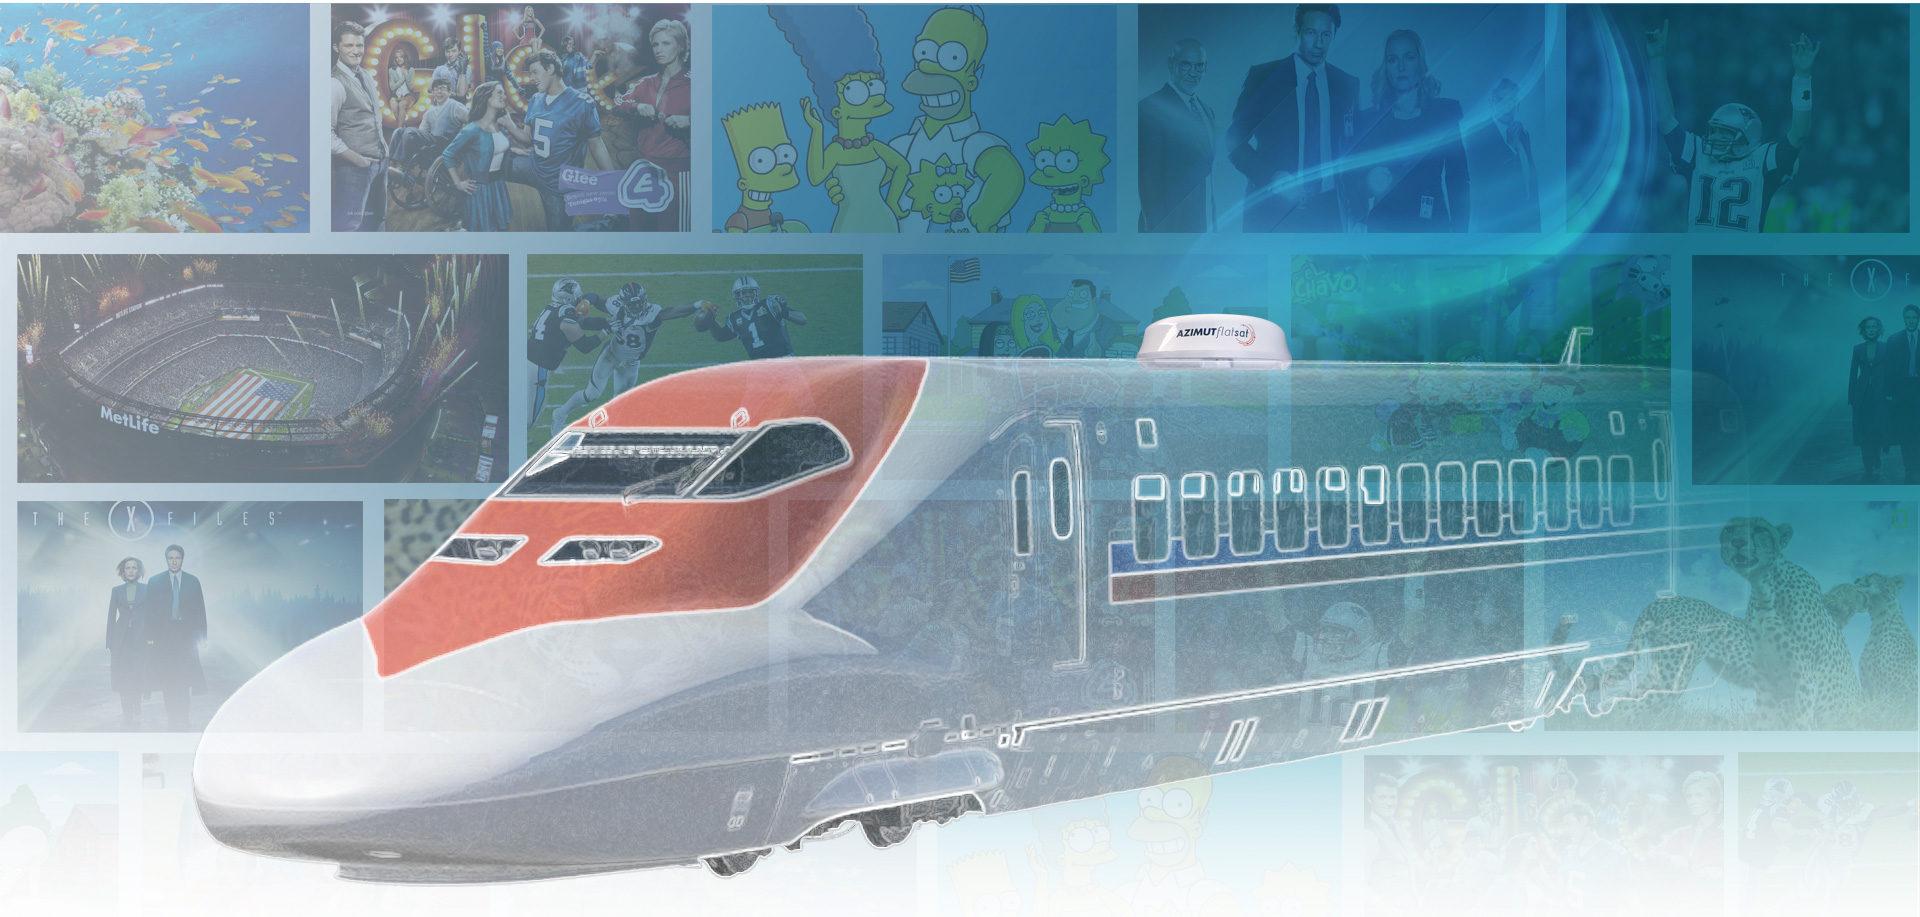 Live TV – Azimut Train Solutions